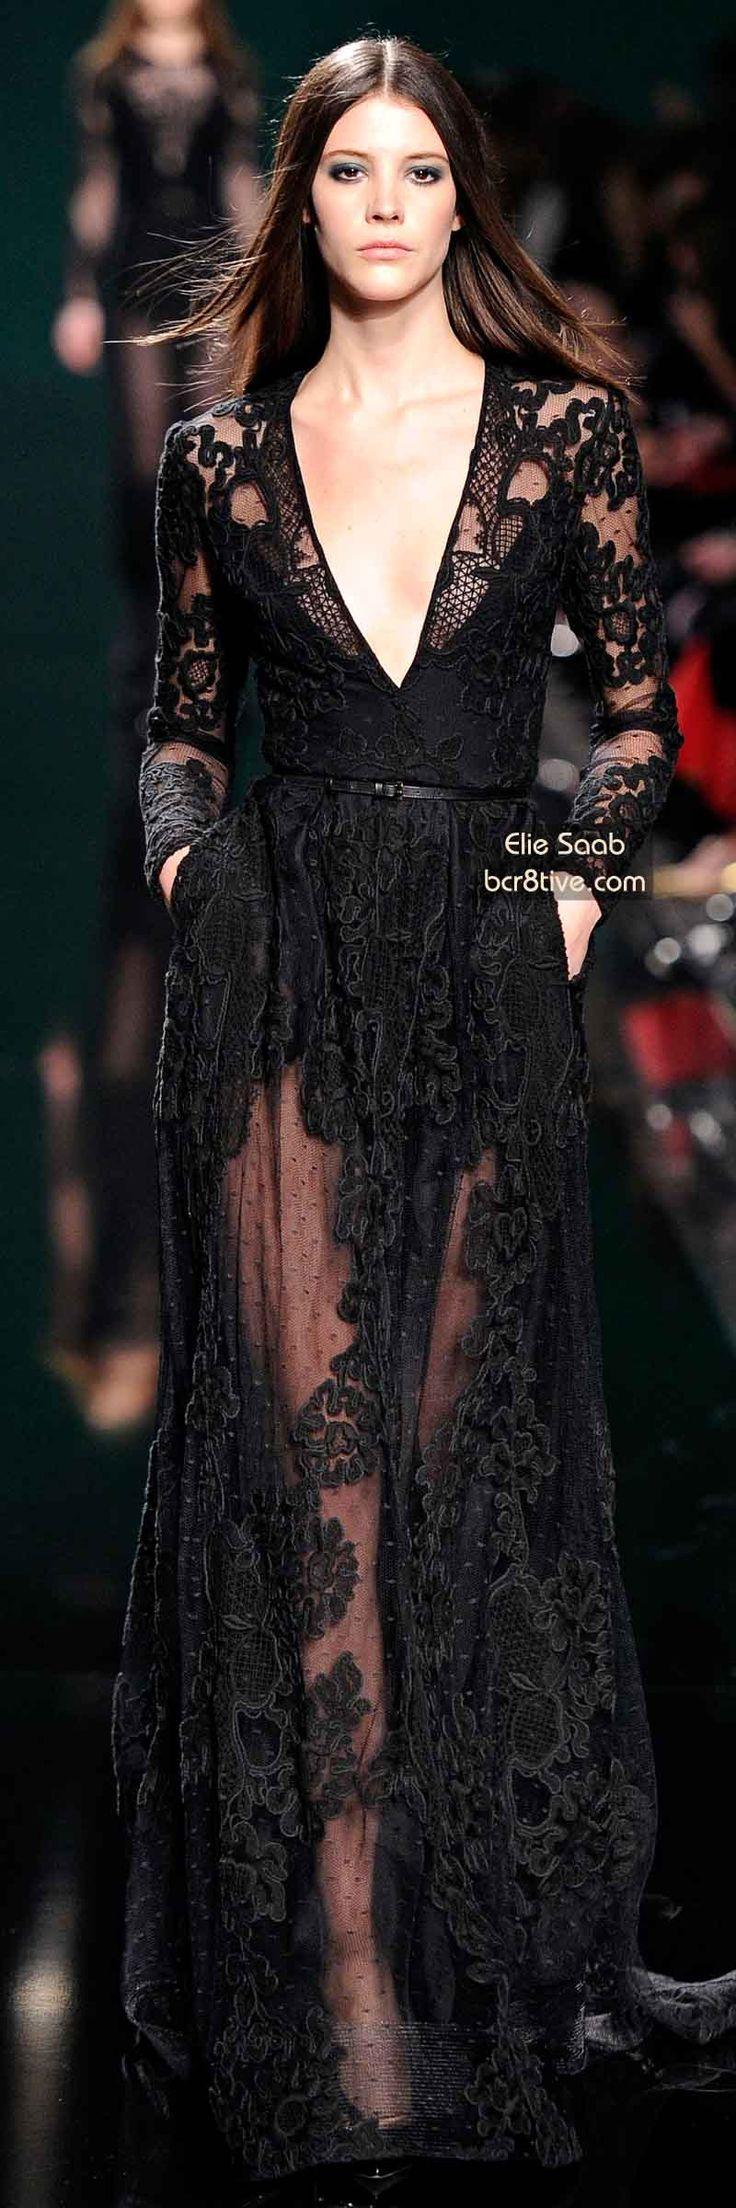 The Best Gowns of Fall 2014 Fashion Week International: Elie Saab FW 2014 #ParisFashionWeek